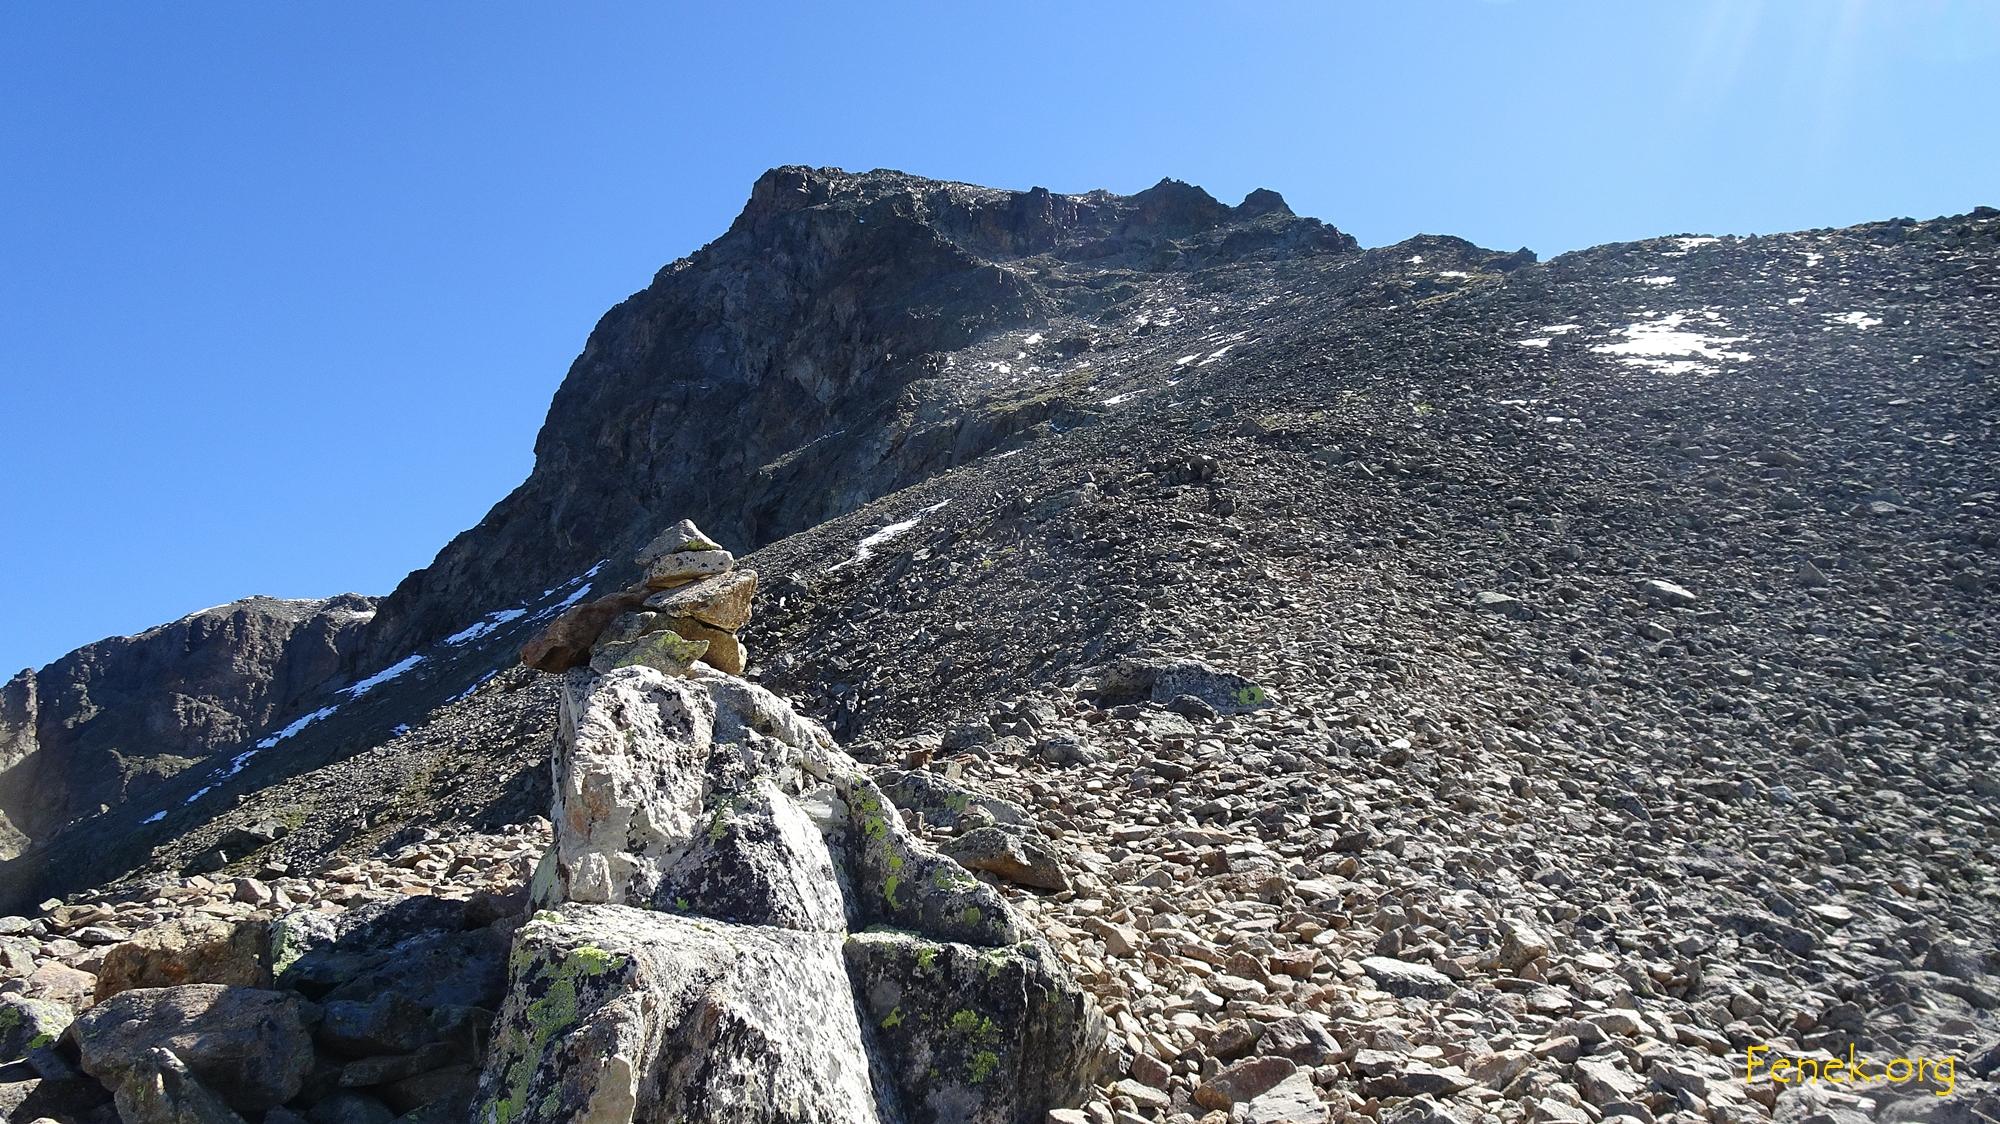 hier geht es hinauf - oben deutlich der Felsriegel